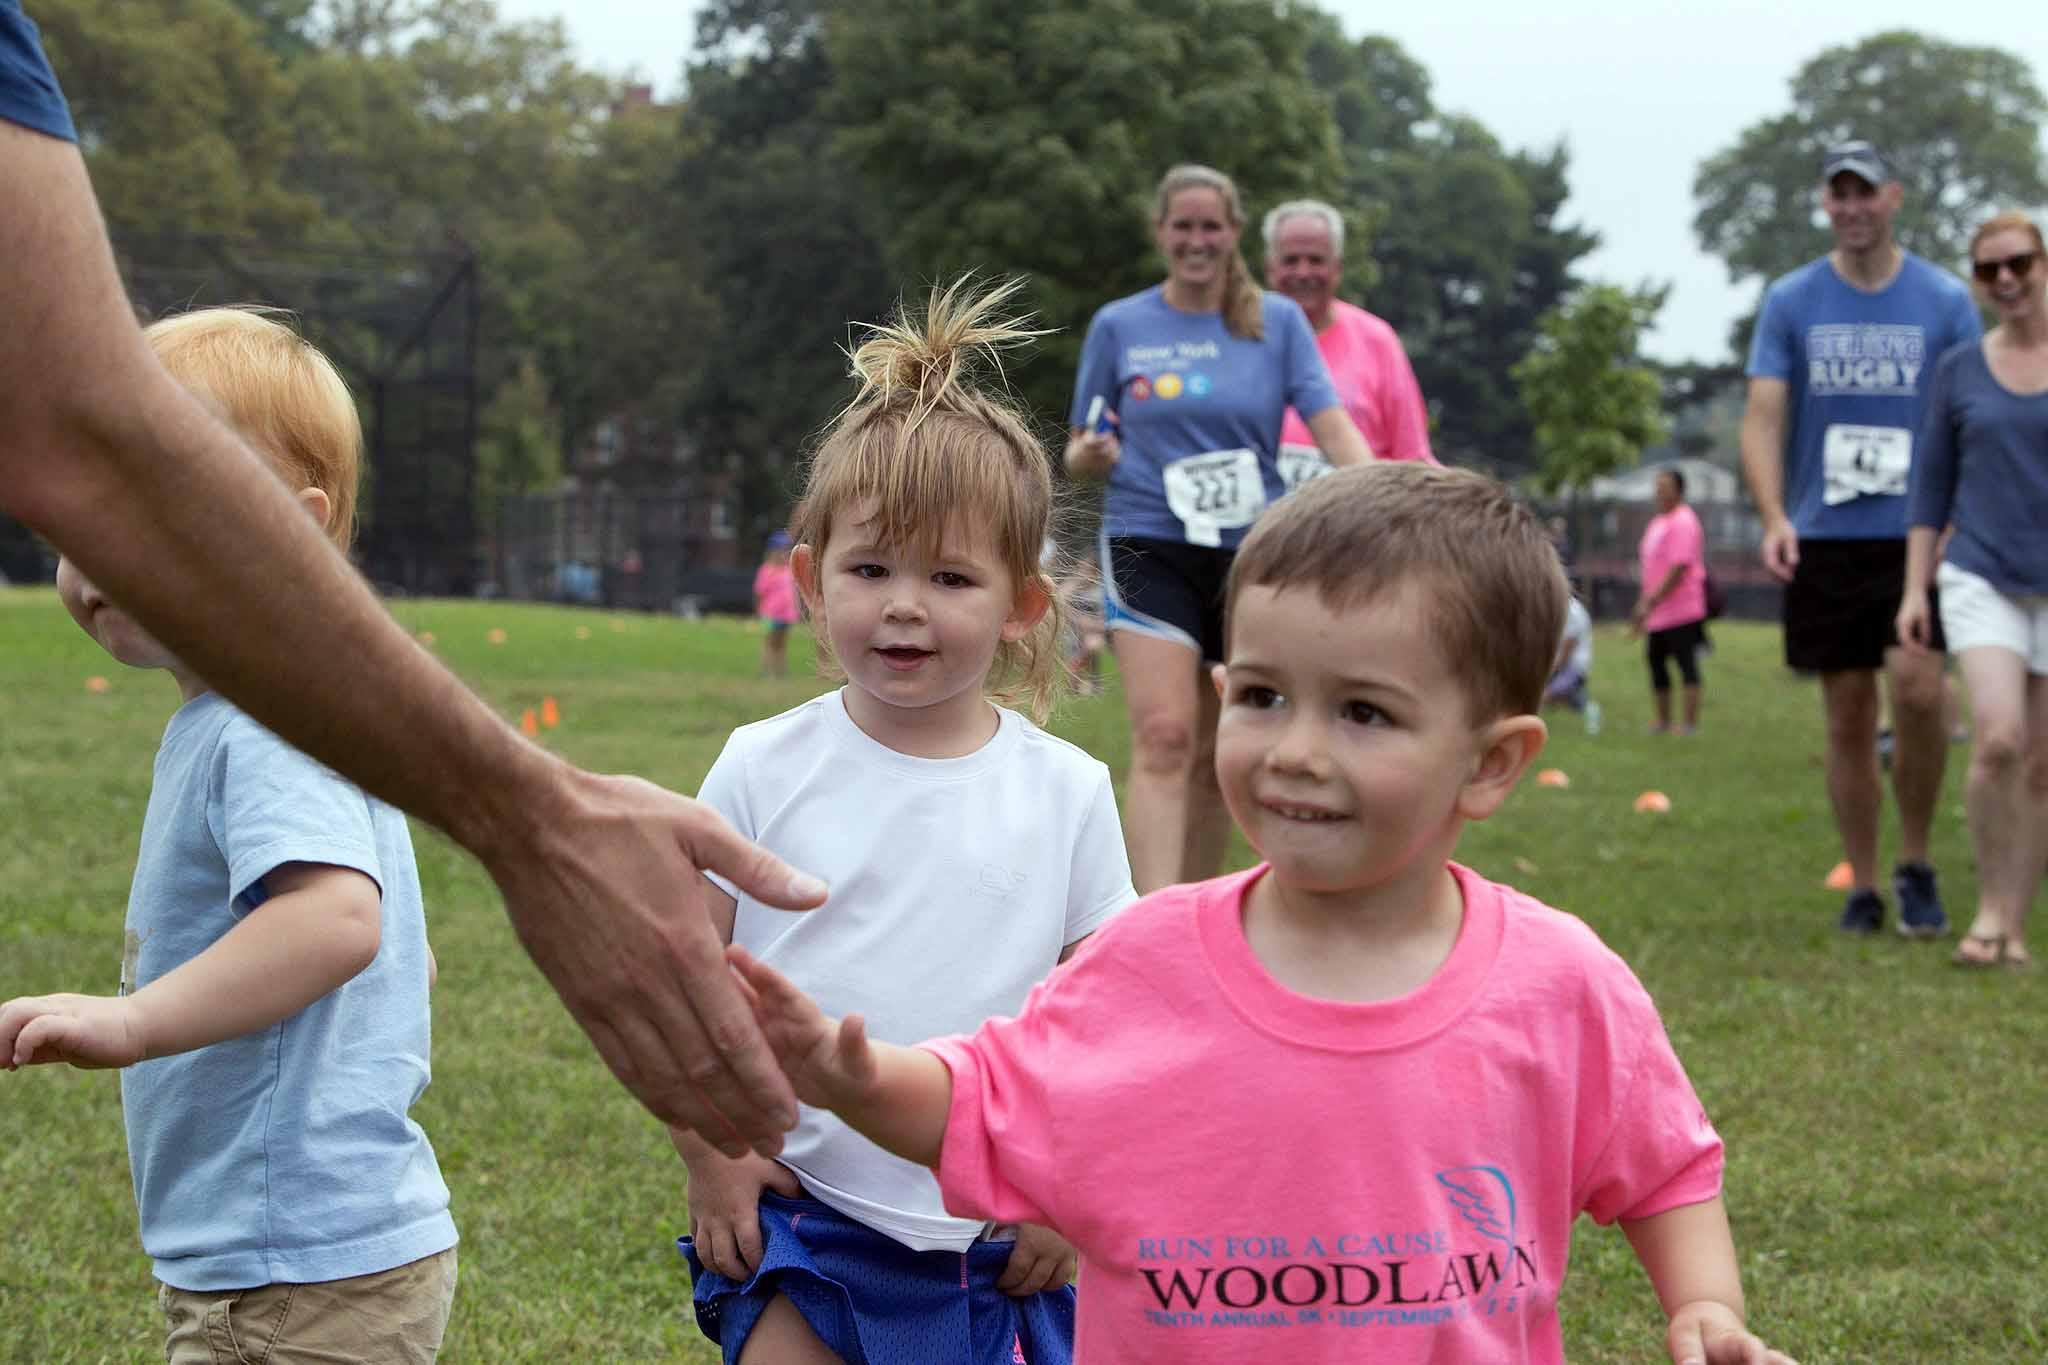 200-Woodlawn Run for a Cause-588.jpg